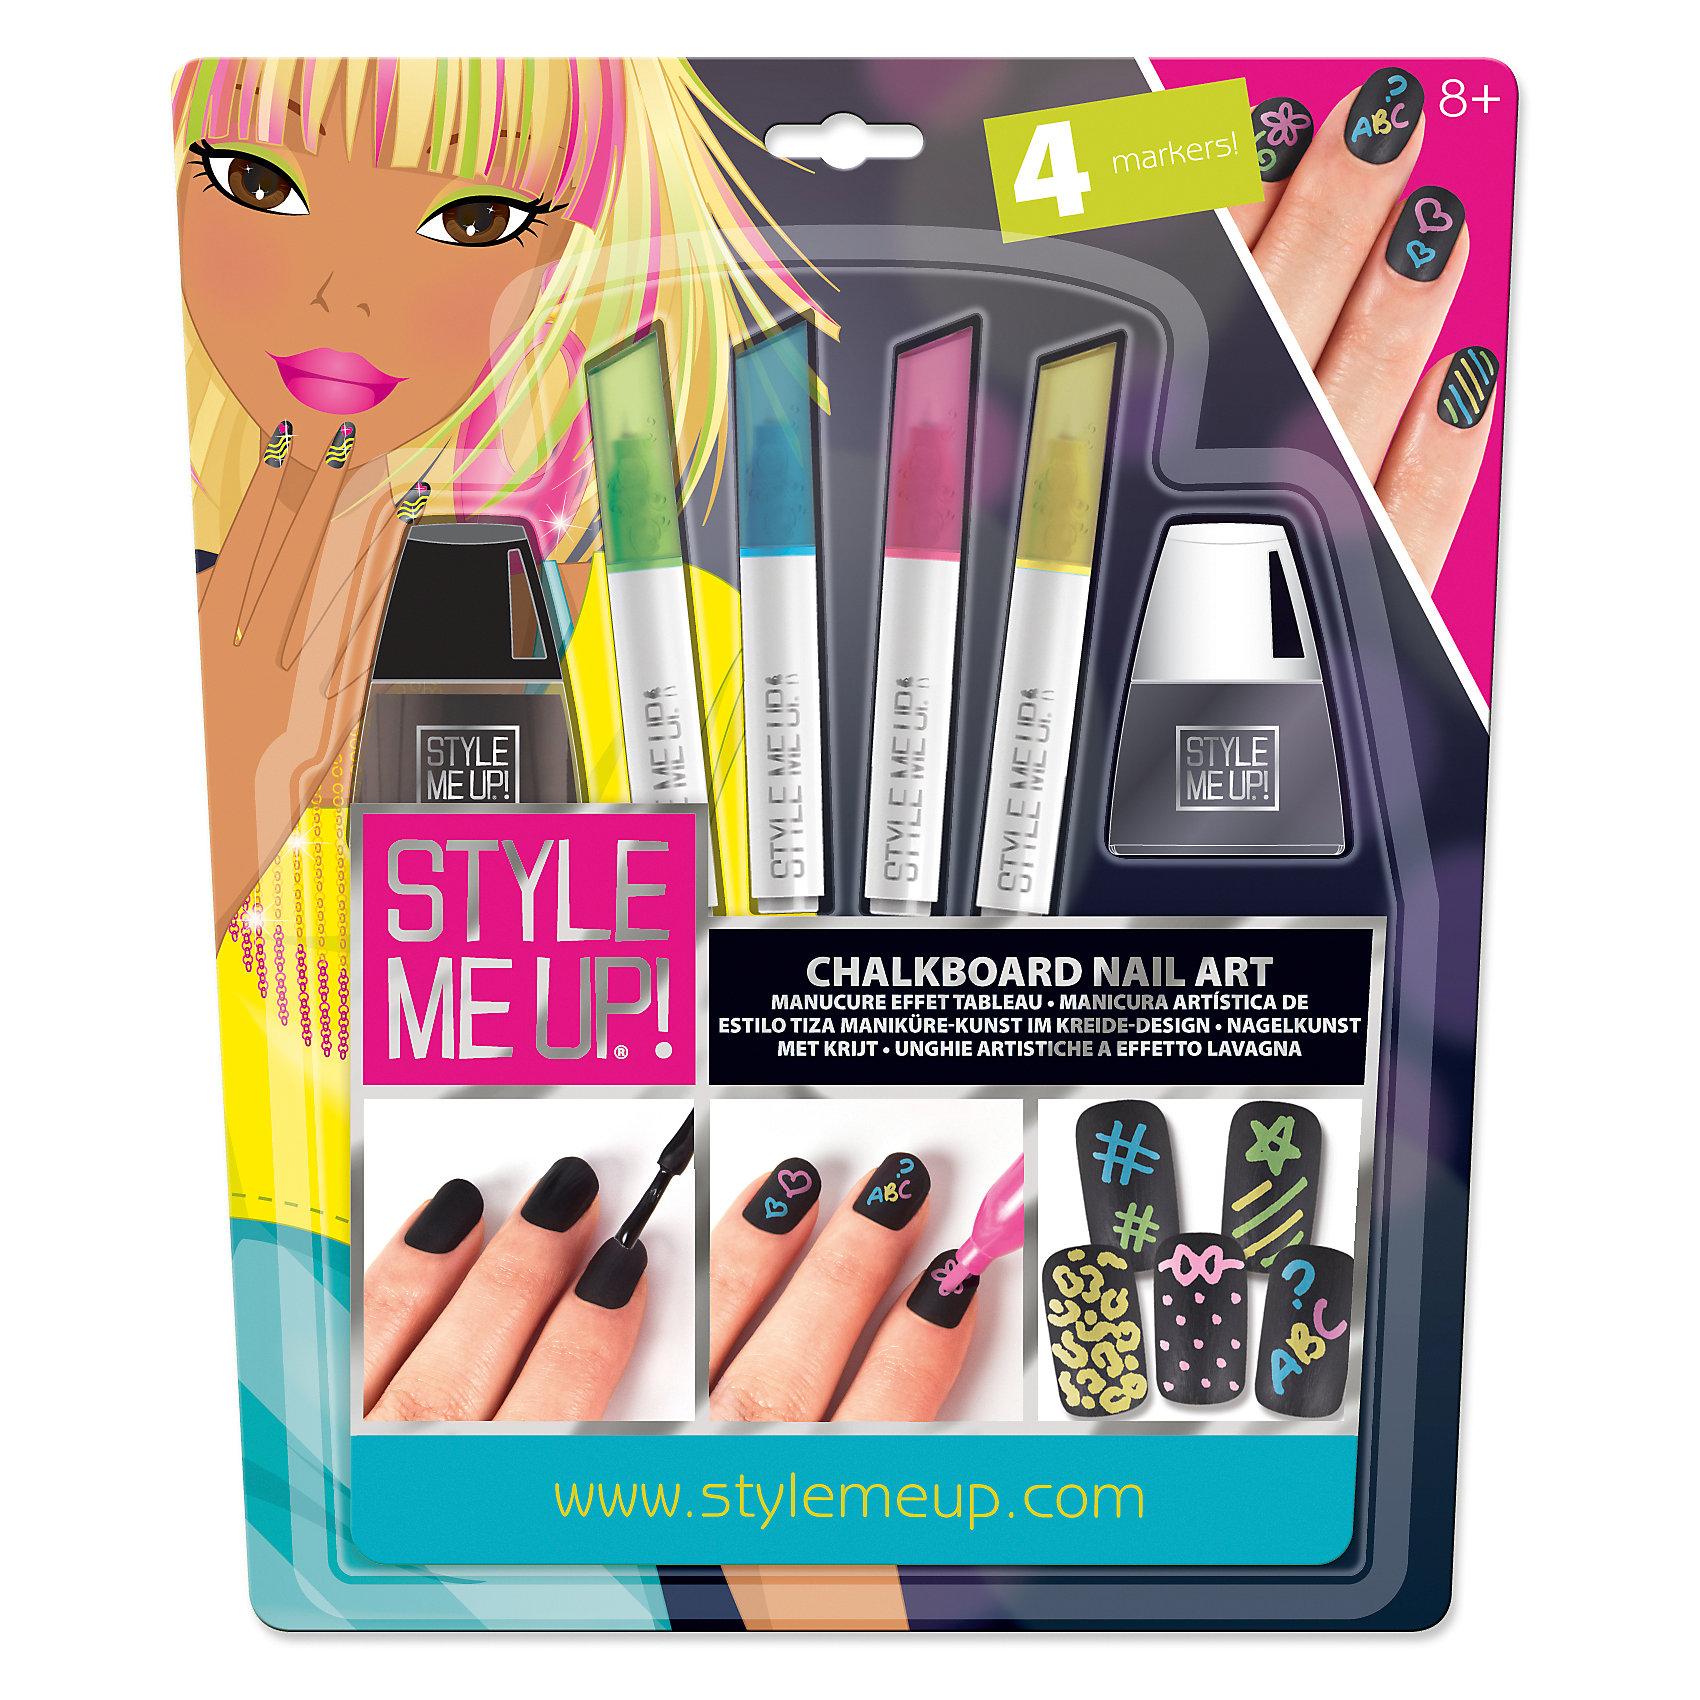 Набор Маникюр с цветными мелкамиКосметика, грим и парфюмерия<br>Если ты до сих пор думаешь, что ногти можно красить исключительно лаком для ногтей, то «Маникюр с цветными мелками» от STYLE ME UP! перечеркнет твои представления о маникюре и станет настоящим открытием!<br><br>Крась ногти лаком, а затем цветными мелками рисуй на них все, что только пожелаешь! Если изображение получилось неровным или появилась более интересная идея, просто сотри рисунок водой и скорее создавай новый шедевр!<br><br>В одном наборе так много интересного для реализации твоих творческих идей:<br>флакон черного лака для ногтей;<br>1 флакон прозрачного лака для ногтей;<br>3 маркера с жидким мелом голубого, розового и зеленого цветов;<br>иллюстрированные инструкции.<br><br>Ширина мм: 229<br>Глубина мм: 267<br>Высота мм: 20<br>Вес г: 167<br>Возраст от месяцев: 96<br>Возраст до месяцев: 192<br>Пол: Женский<br>Возраст: Детский<br>SKU: 4789499